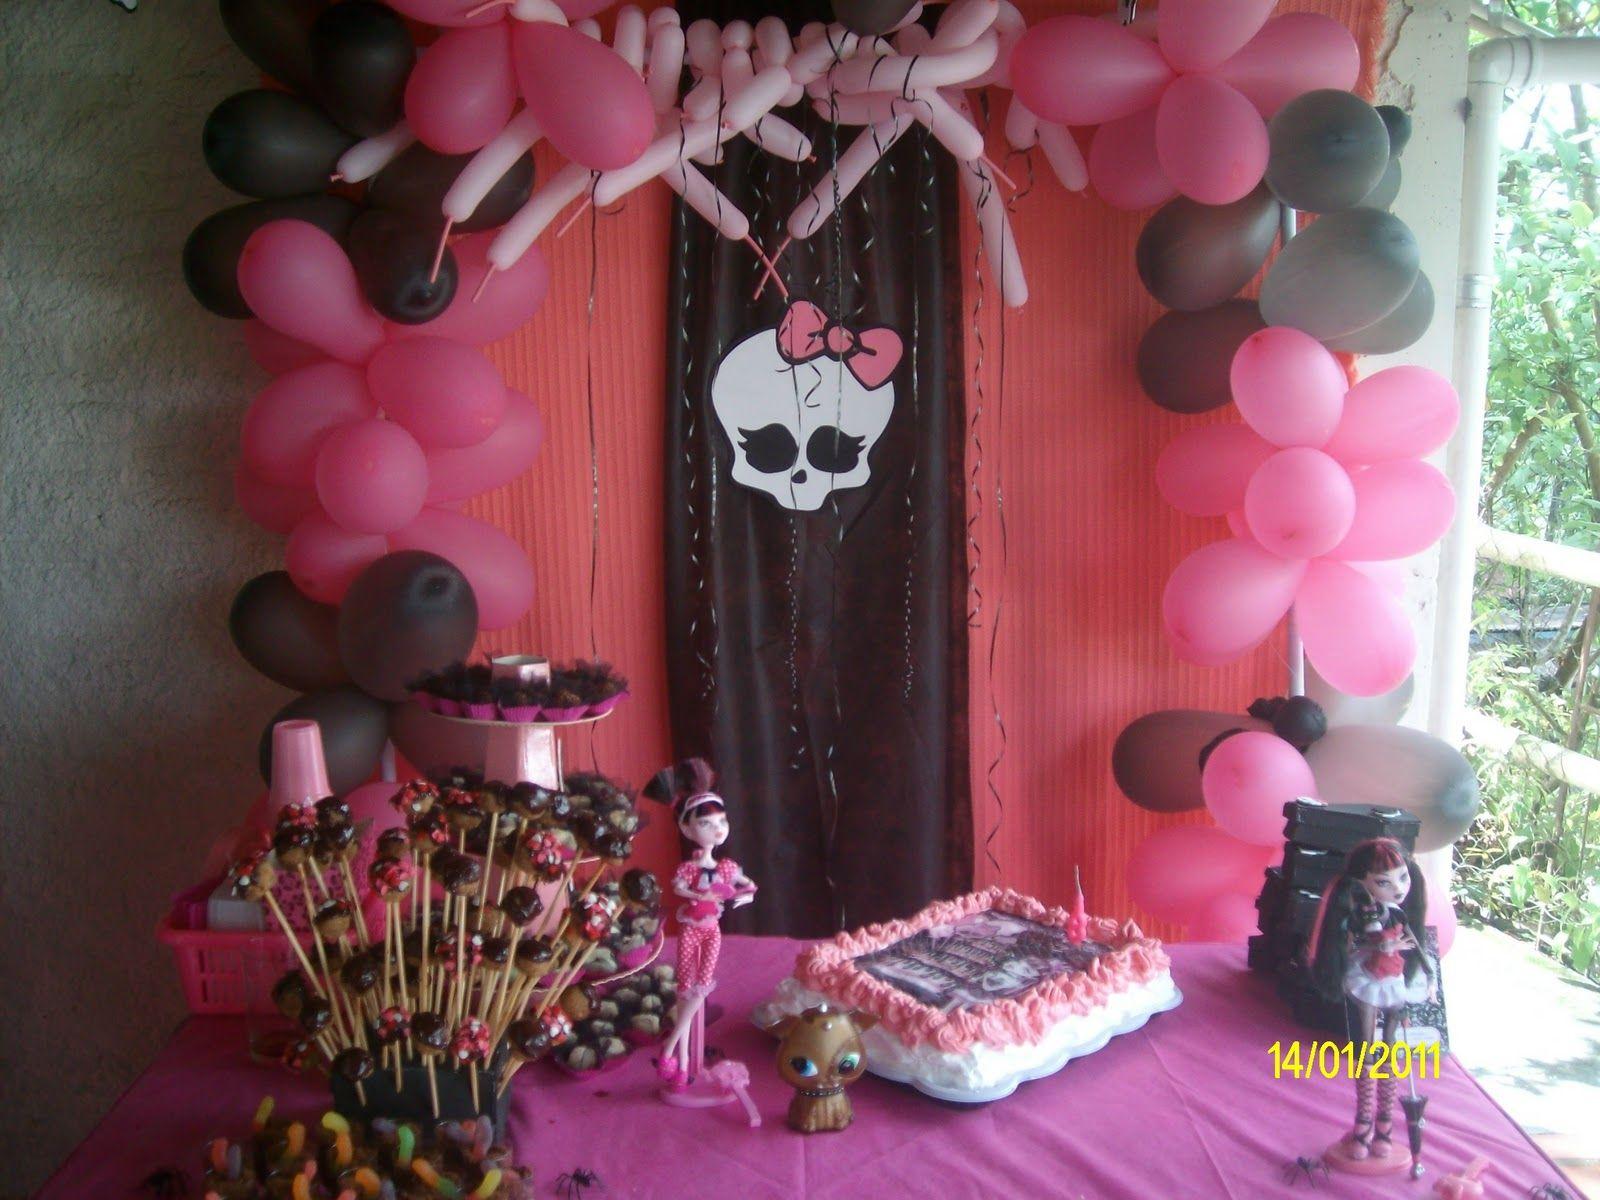 toalha para mesa de festa infantil de tnt Pesquisa Google Ideas Cake Pops e Cake -> Decoração De Aniversario Infantil Com Tnt